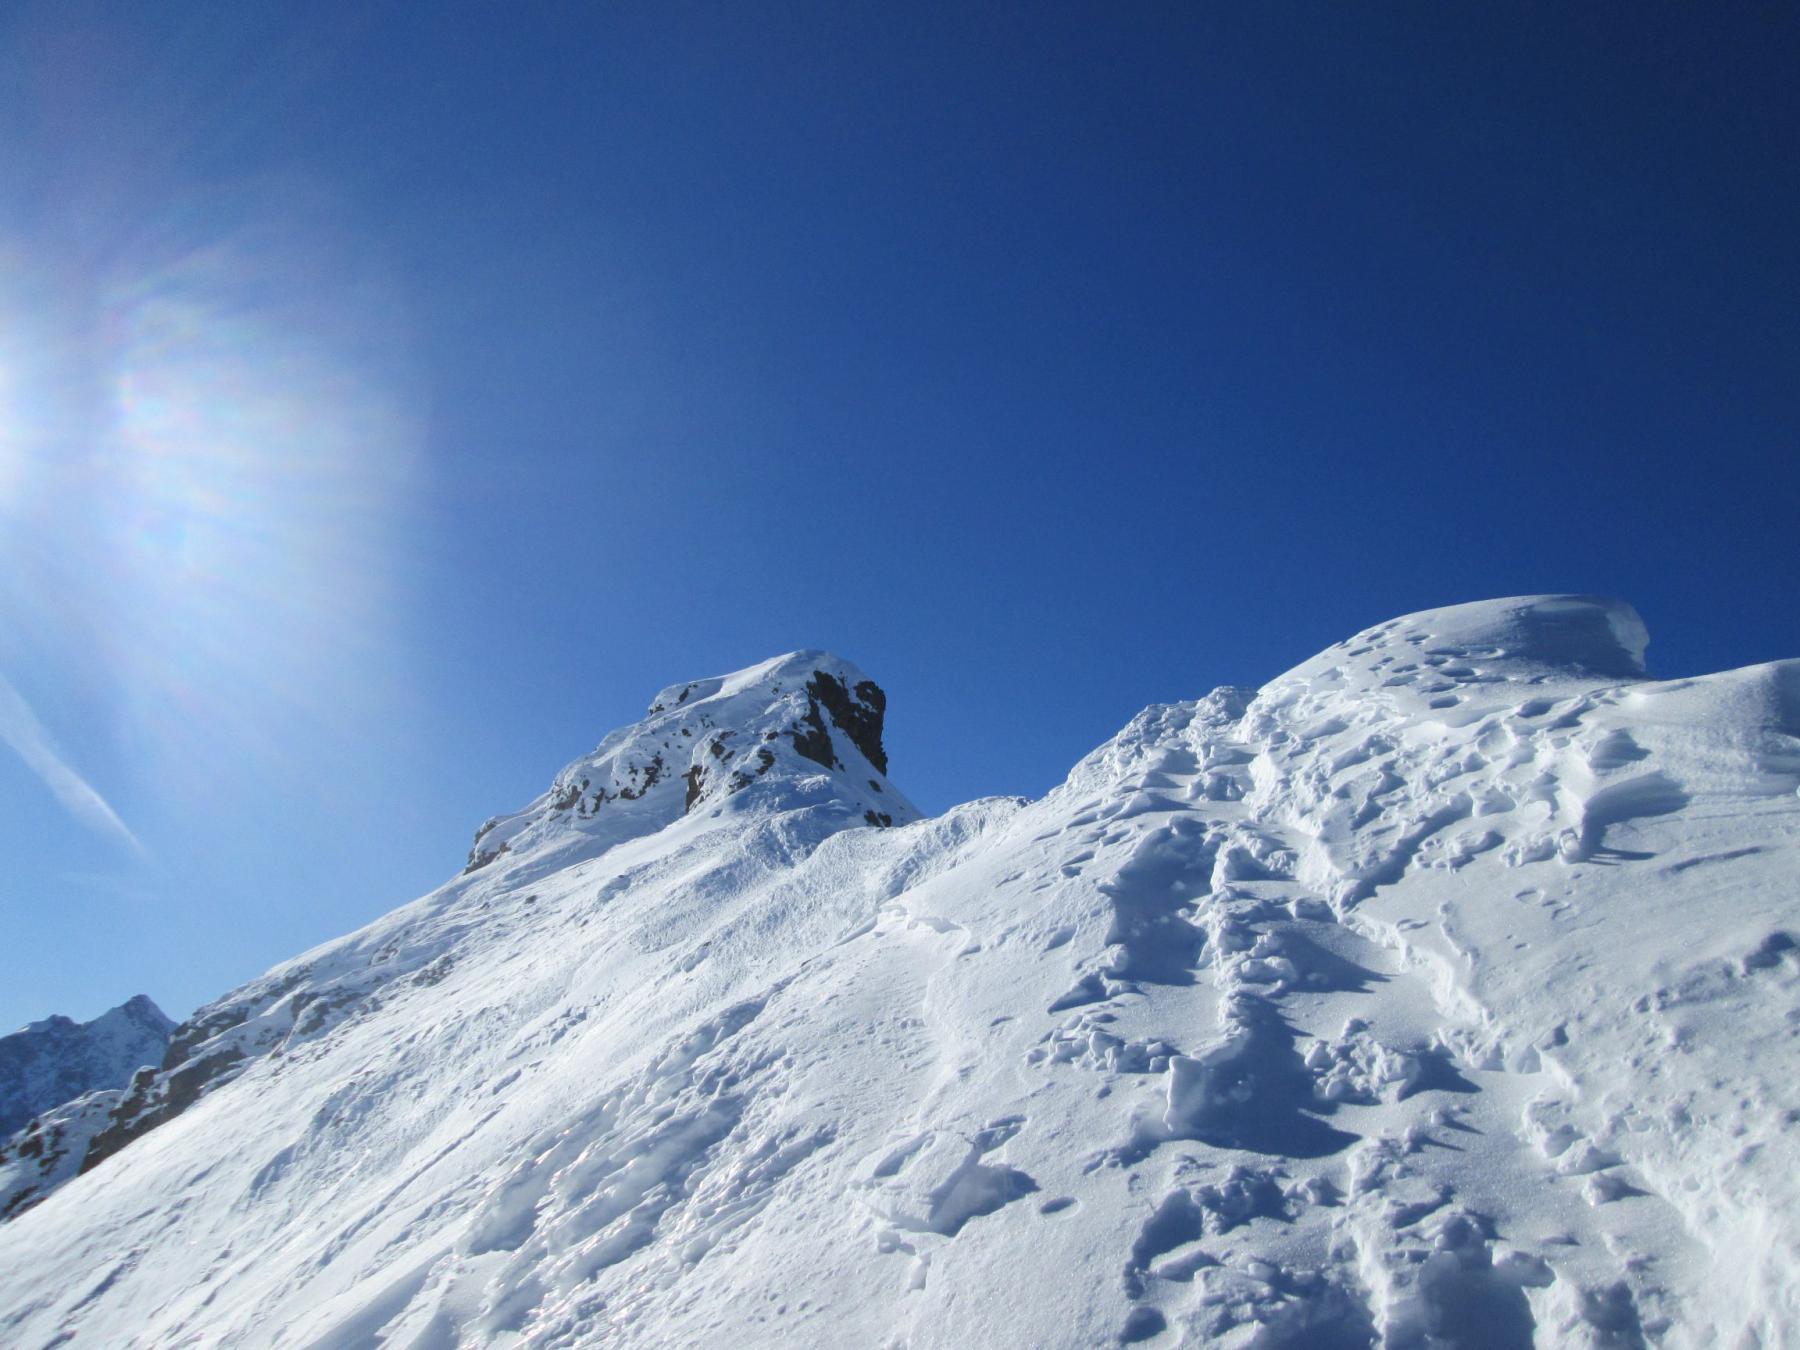 Arrivato in cresta quota 3115, con la cima di fronte